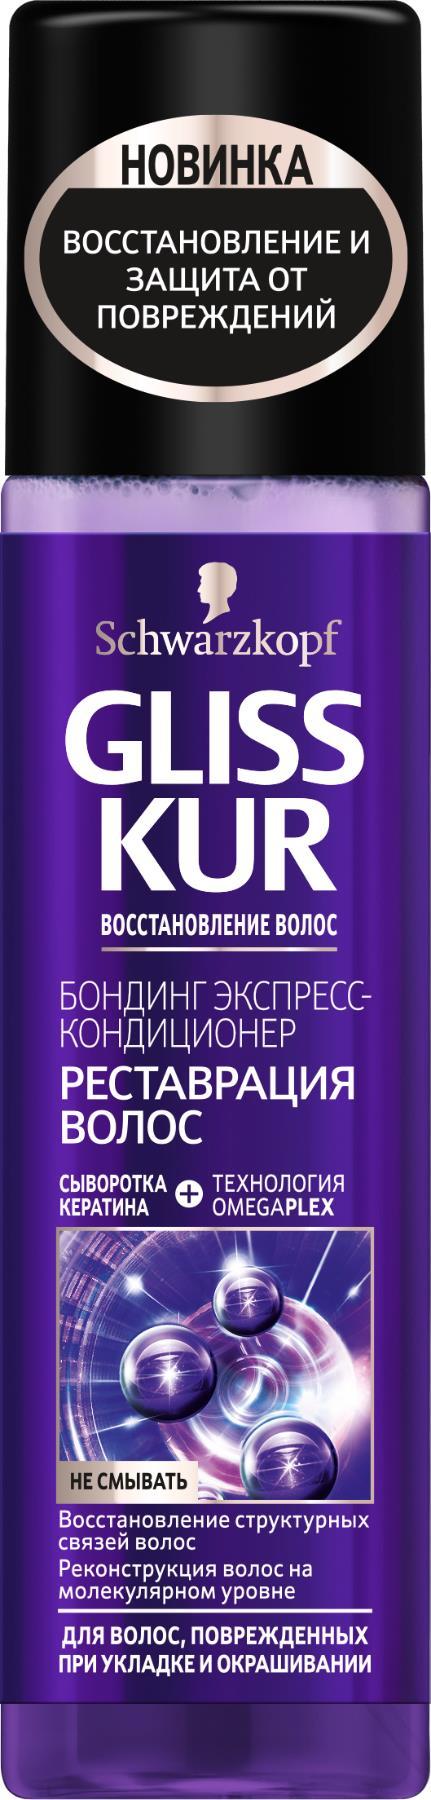 Gliss Kur Экспресс-кондиционер Реновация волос 200 мл09261968Из-за частого окрашивания и укладки волос феном и щипцами для завивки или выпрямления структурные связи между волокнами волоса разрушаются, и волосы теряют здоровый вид. Революционная формула* Gliss Kur с технологией OMEGAPLEX проникает внутрь волоса и